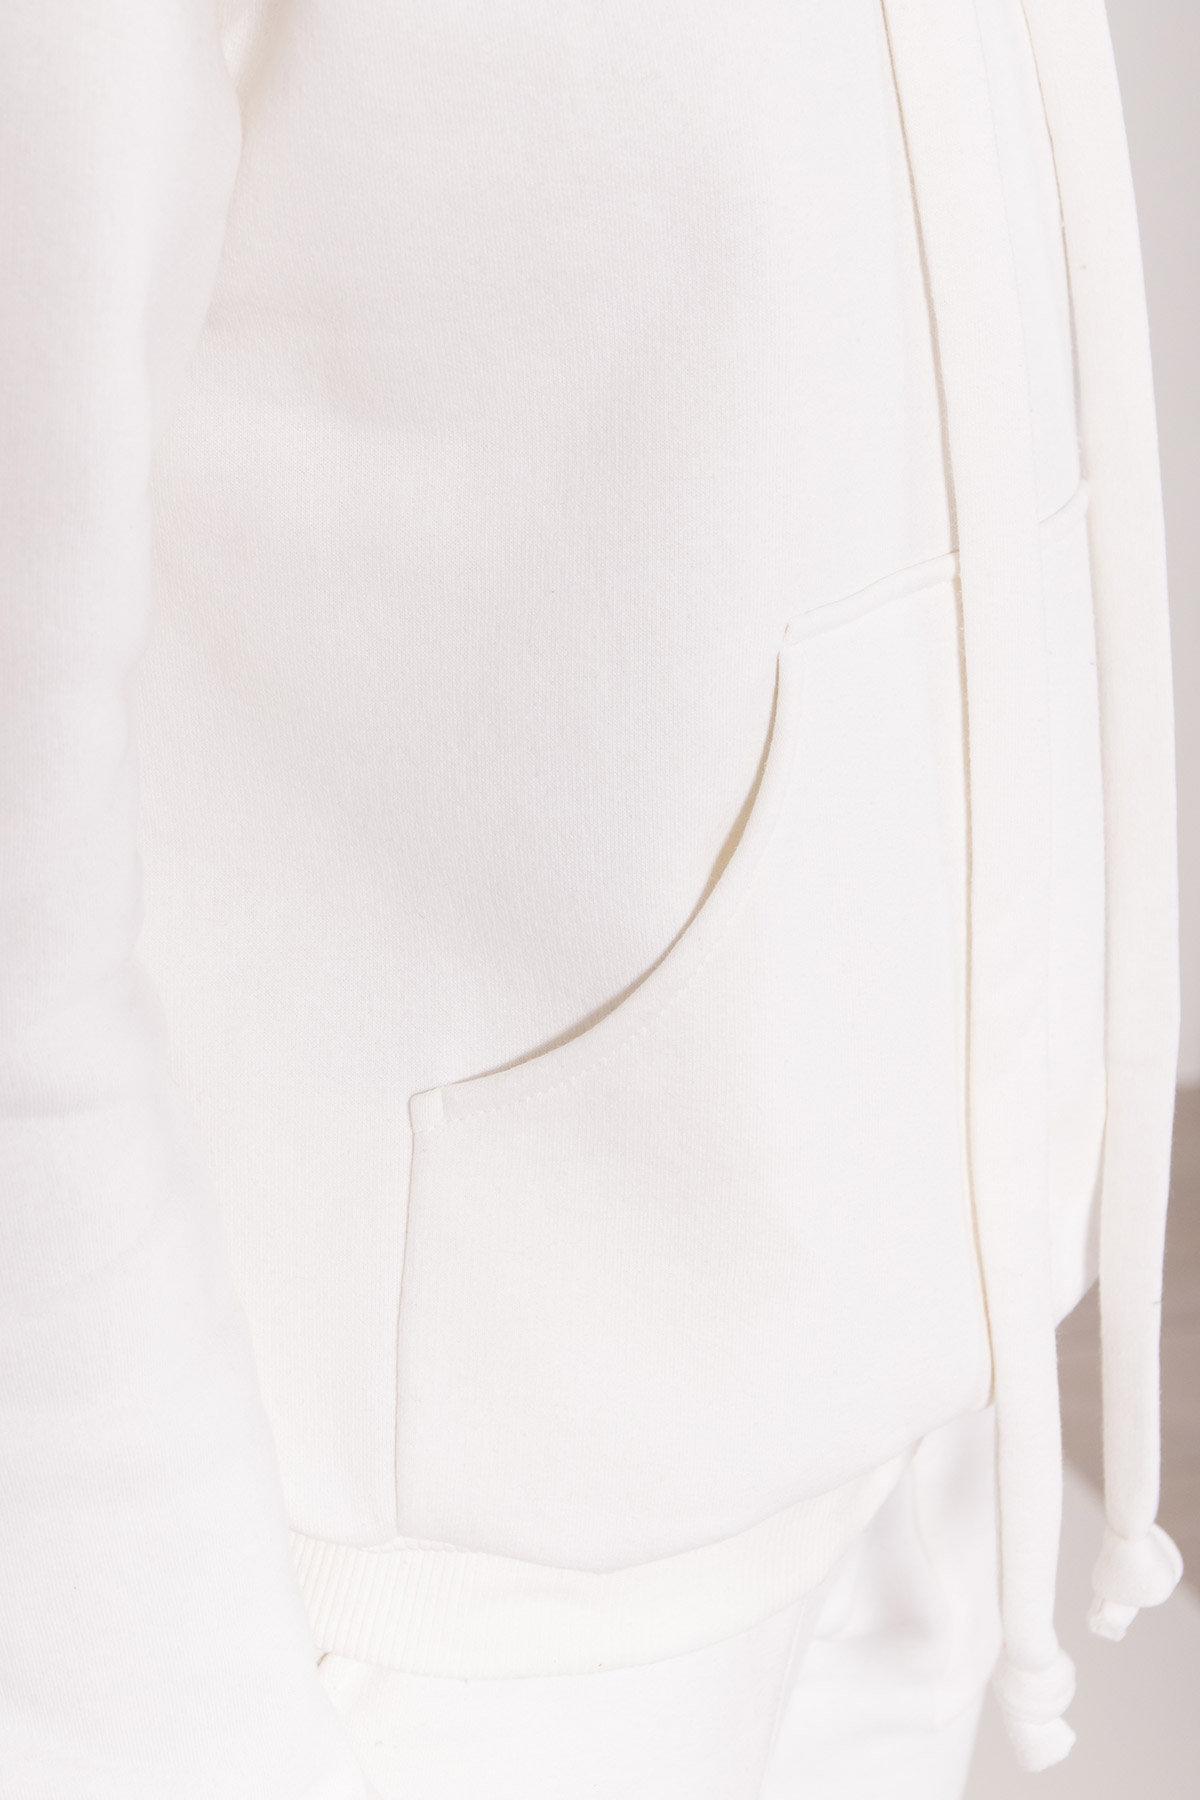 Стильный трикотажный костюм женский Фира 8590 АРТ. 44901 Цвет: Молоко - фото 3, интернет магазин tm-modus.ru